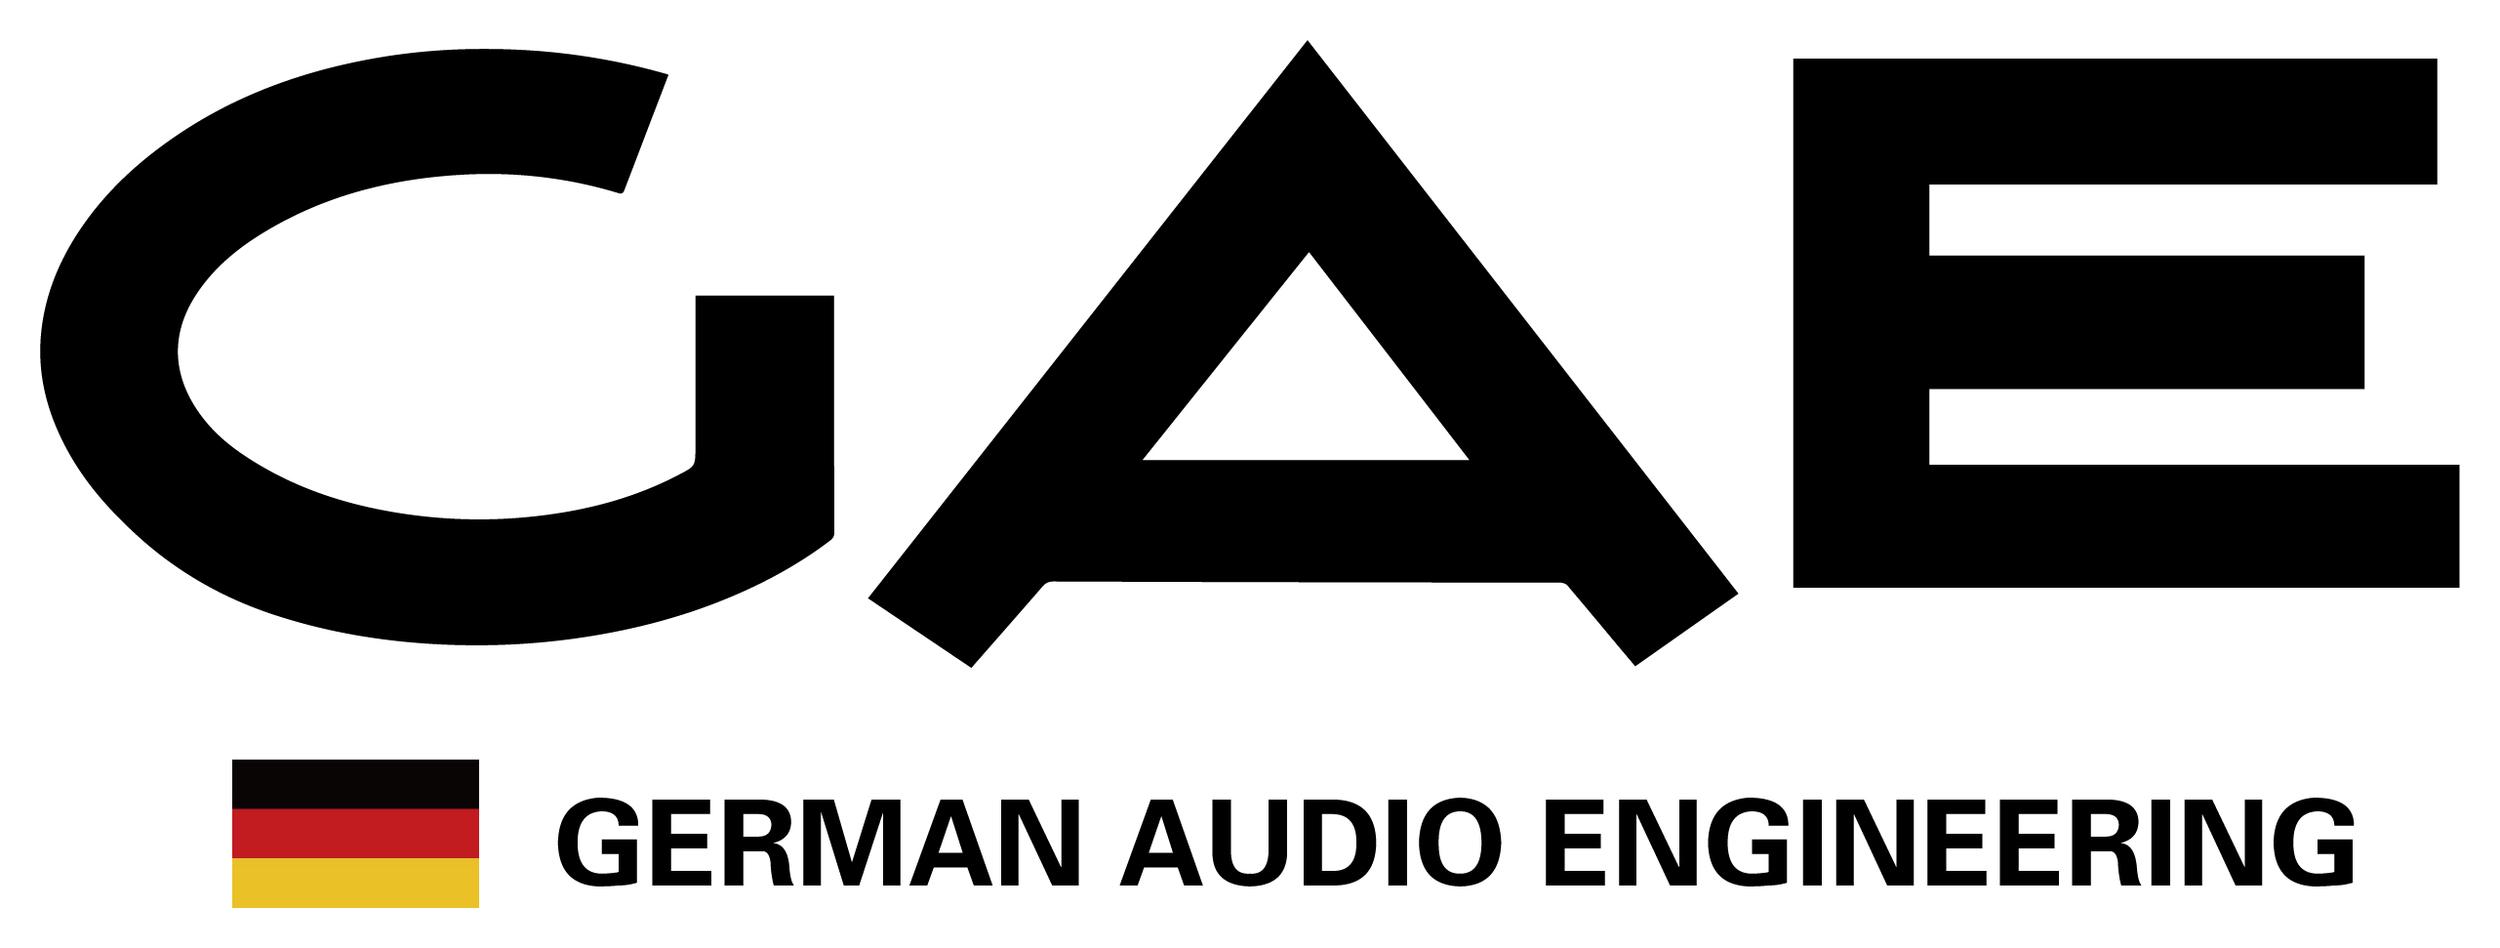 GAE-logo-01.jpg